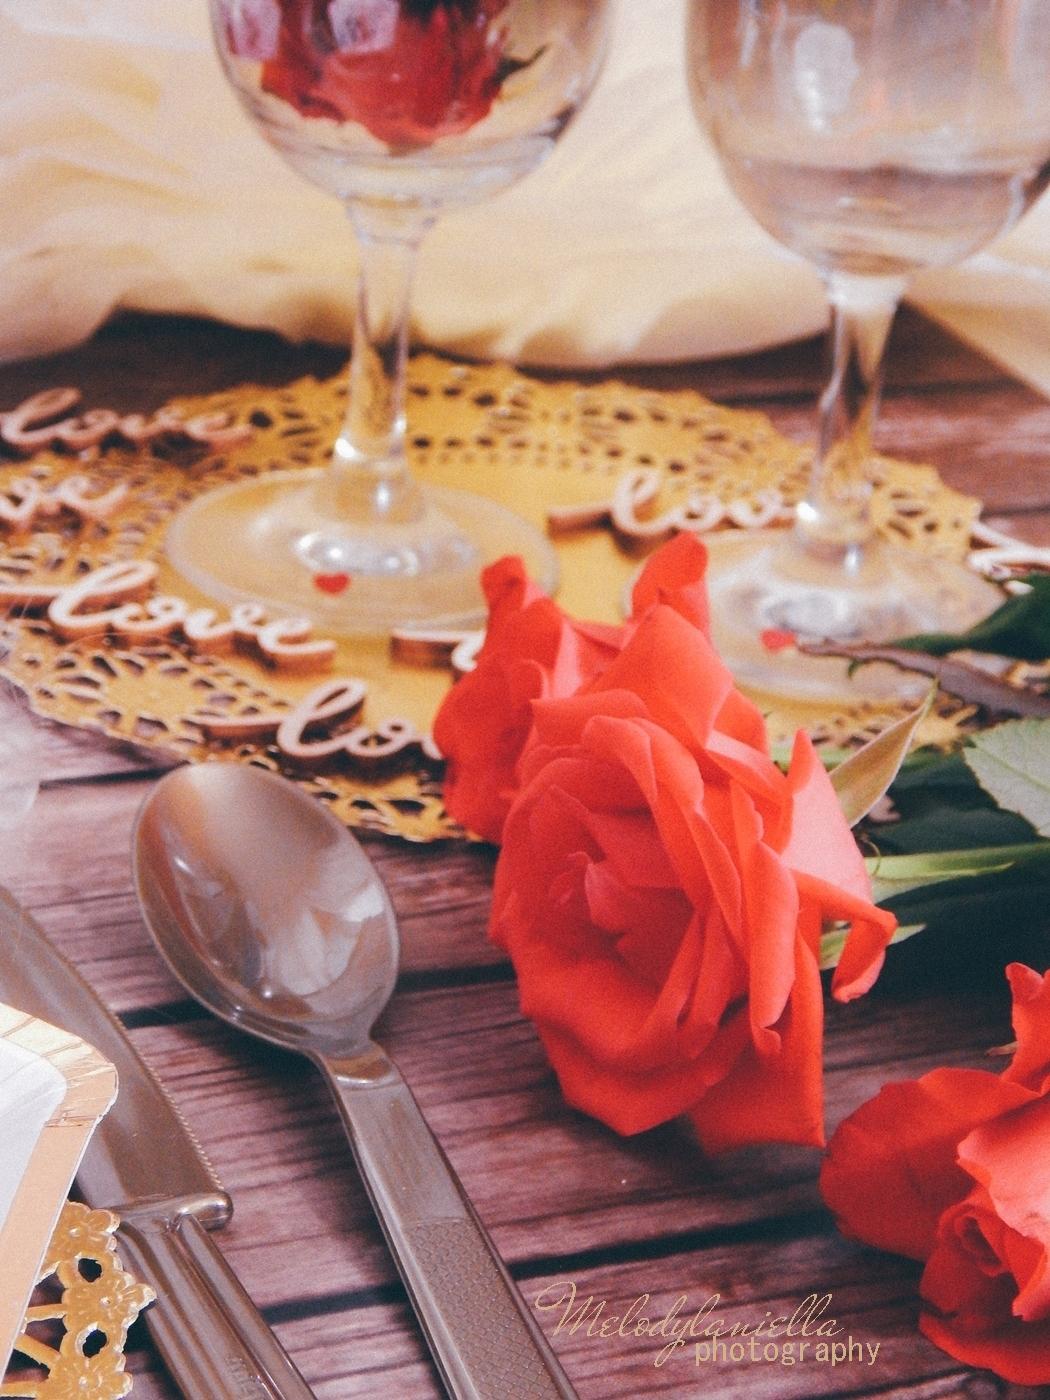 6 partybox ozdobne talerze z efektem marmuru złote sztućce róże drewniane dodatki drewniane konfetti love napisy na ślub wesele rocznice zaręczyny tiul organza